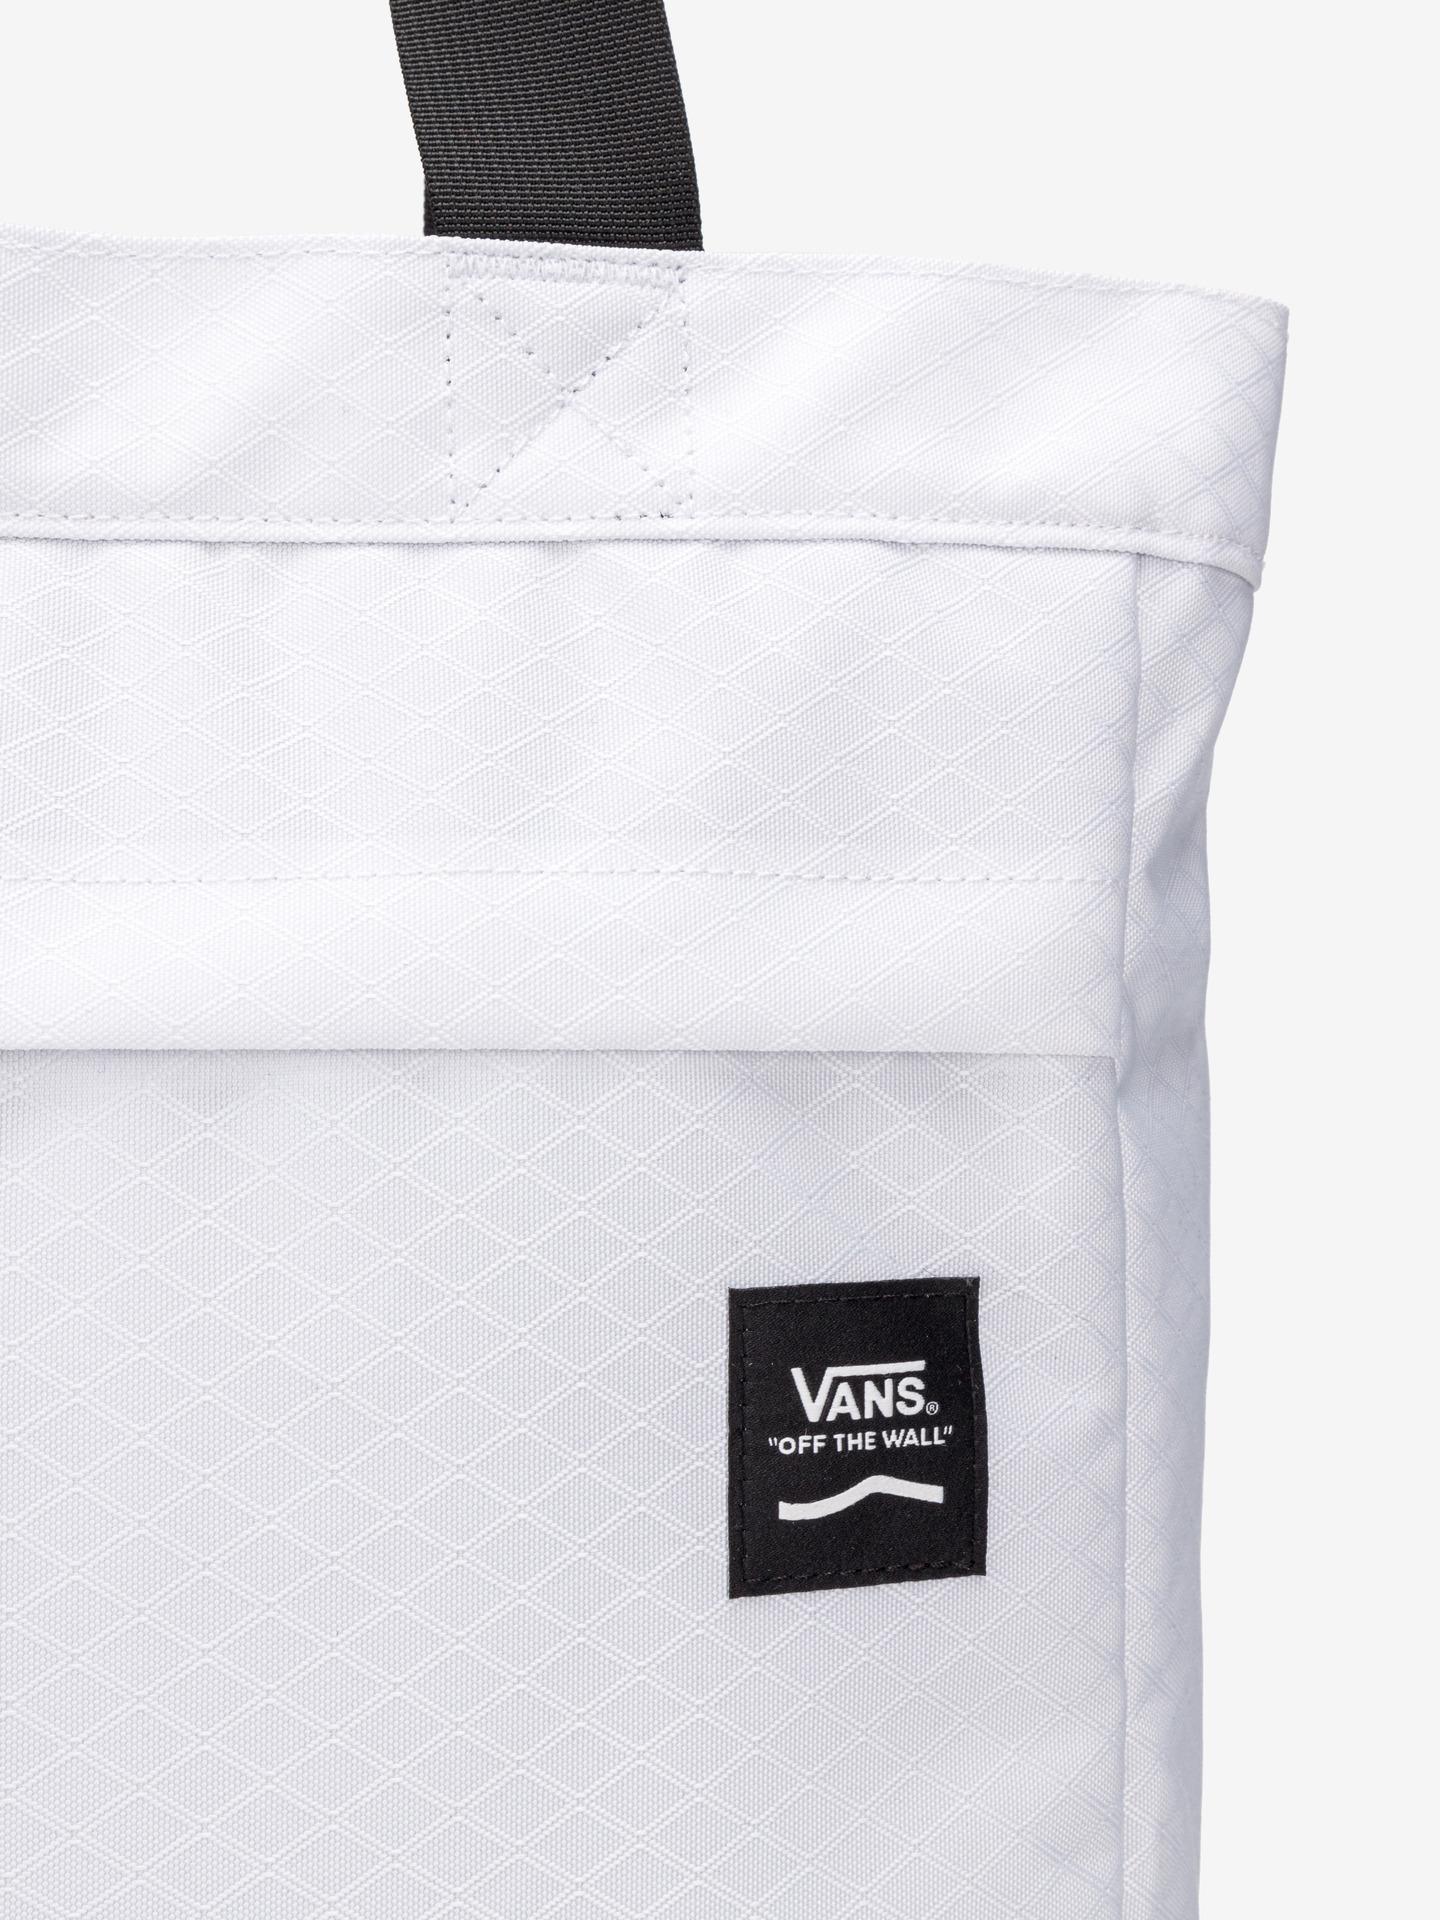 Vans white bag Construct